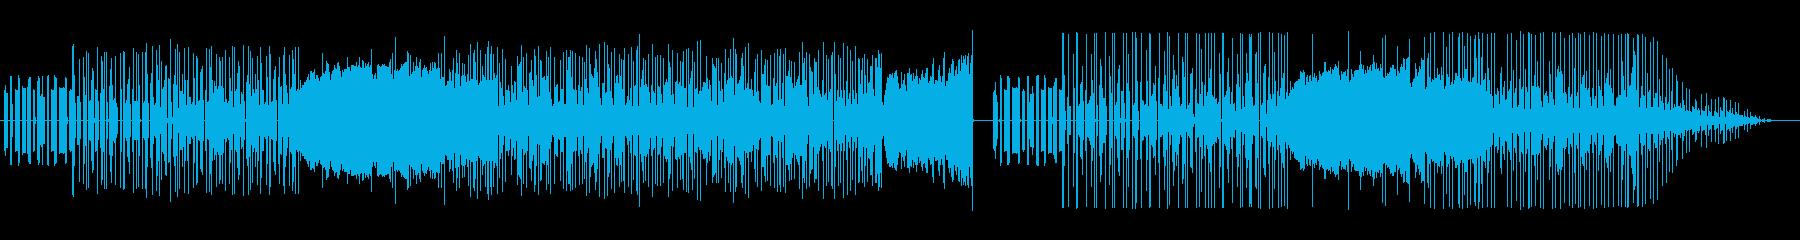 ファミリーコンピューターな音楽の再生済みの波形